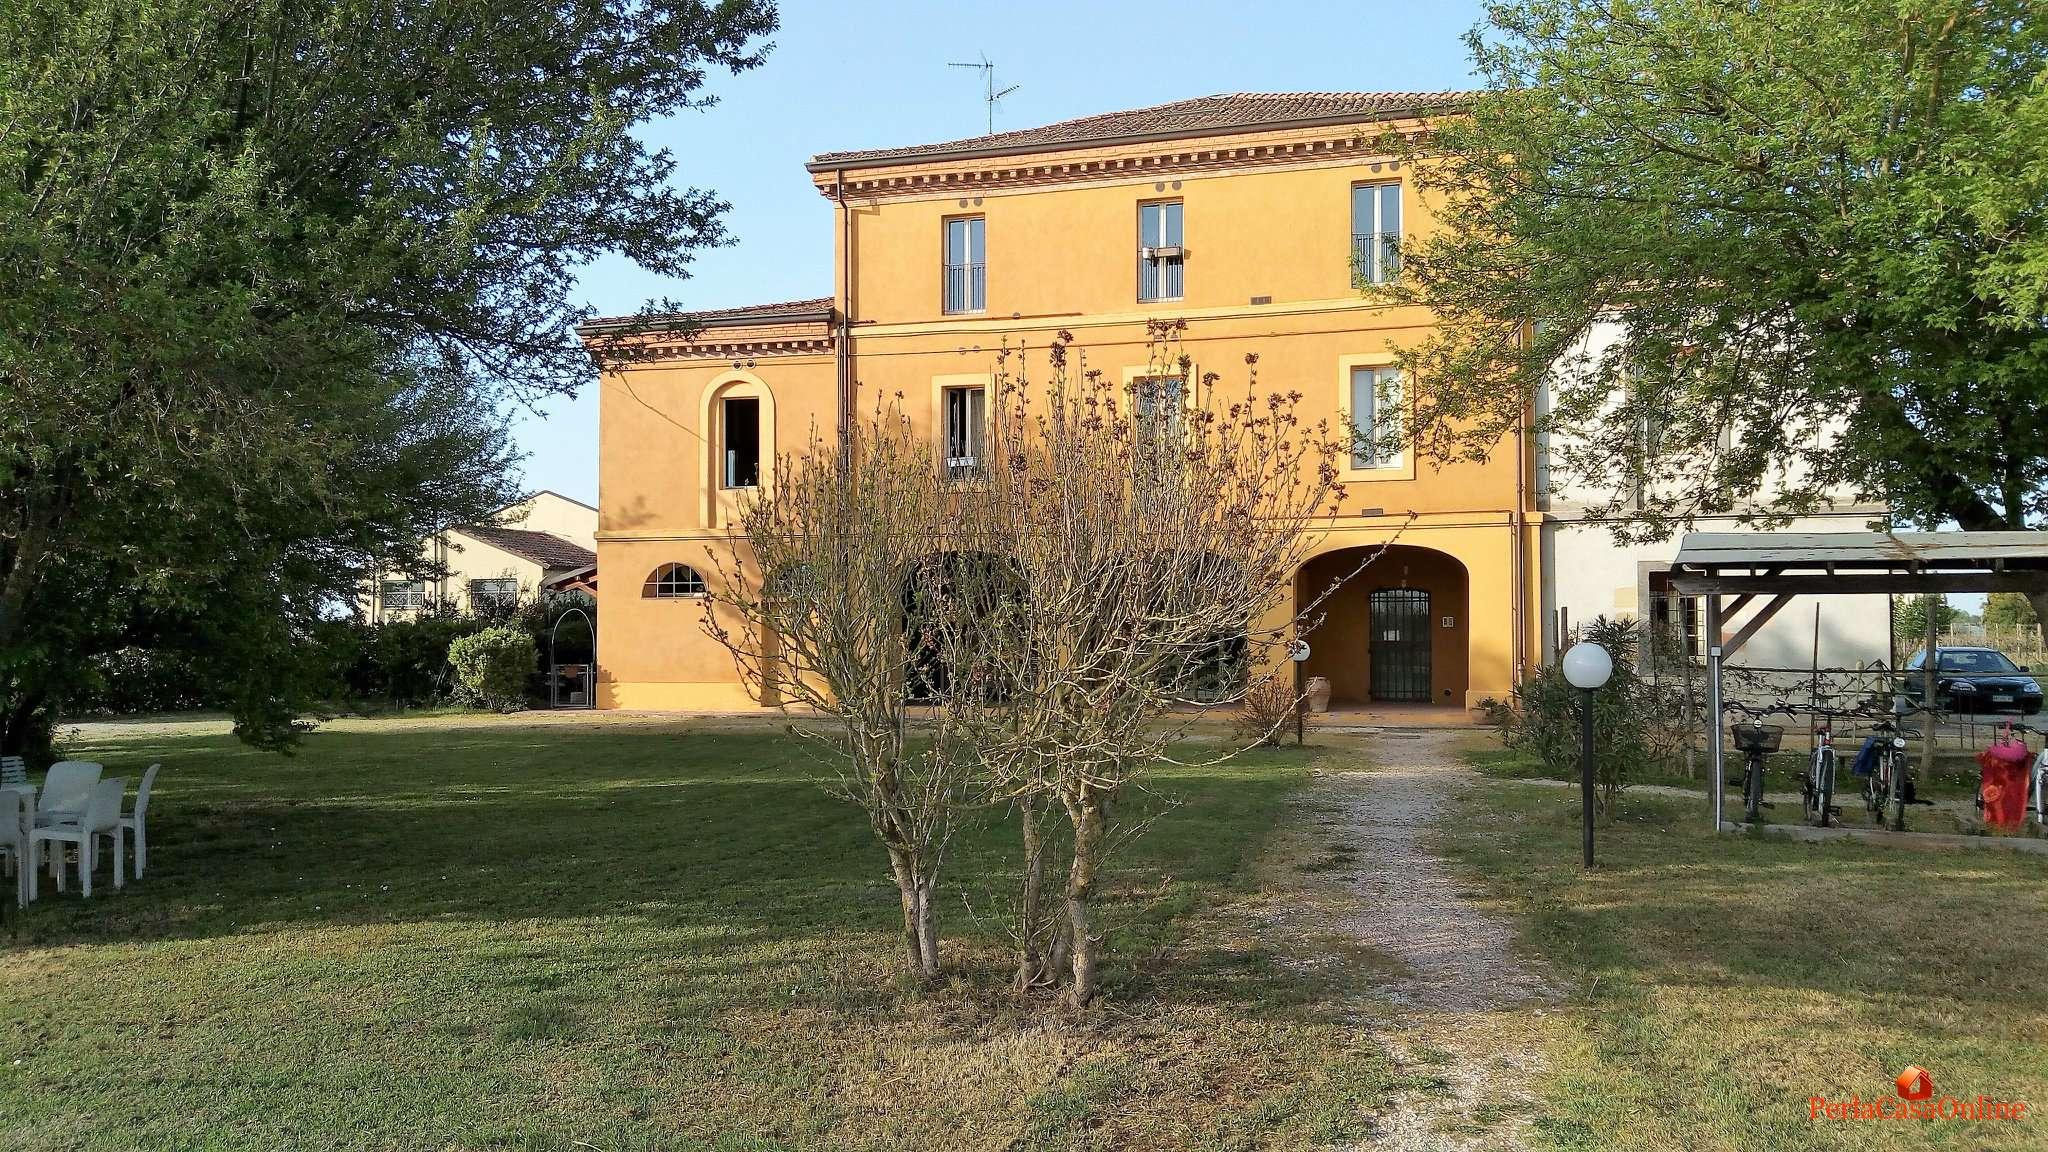 Foto 1 di Trilocale via Minarda, frazione Branzolino, Forlì